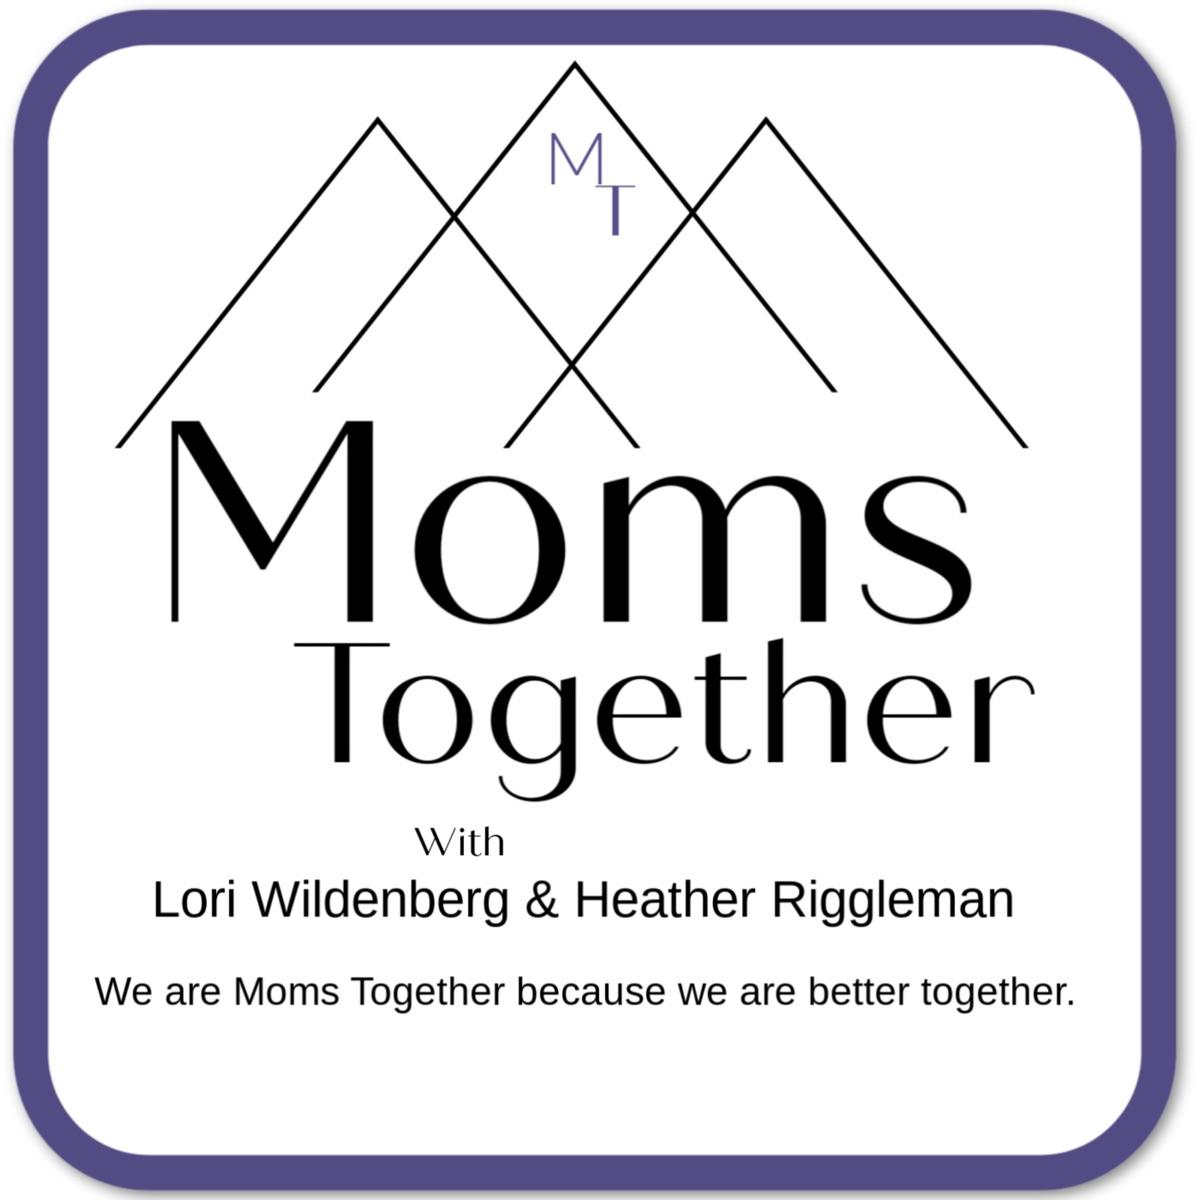 Moms Together